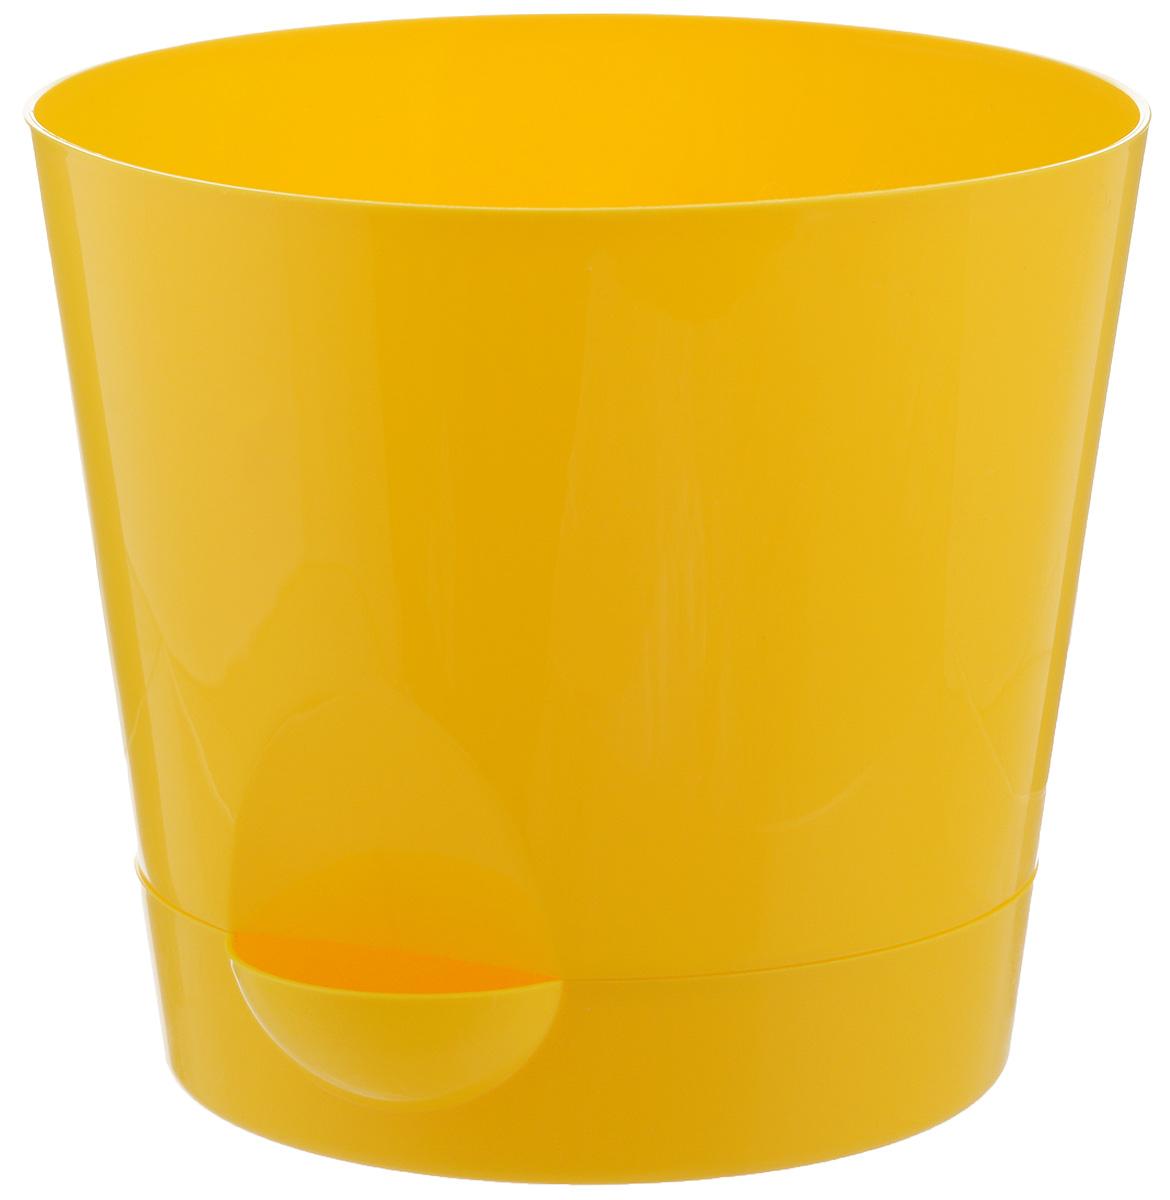 Кашпо Idea Ника, с прикорневым поливом, с поддоном, цвет: желтый, 2,7 лING1558РЗПЕРЛЛюбой, даже самый современный и продуманный интерьер будет незавершённым без растений. Они не только очищают воздух и насыщают его кислородом, но и украшают окружающее пространство. Такому полезному члену семьи просто необходим красивый и функциональный дом! Мы предлагаем #name#! Оптимальный выбор материала — пластмасса! Почему мы так считаем?Малый вес. С лёгкостью переносите горшки и кашпо с места на место, ставьте их на столики или полки, не беспокоясь о нагрузке. Простота ухода. Кашпо не нуждается в специальных условиях хранения. Его легко чистить — достаточно просто сполоснуть тёплой водой. Никаких потёртостей. Такие кашпо не царапают и не загрязняют поверхности, на которых стоят. Пластик дольше хранит влагу, а значит, растение реже нуждается в поливе. Пластмасса не пропускает воздух — корневой системе растения не грозят резкие перепады температур. Огромный выбор форм, декора и расцветок — вы без труда найдёте что-то, что идеально впишется в уже существующий интерьер. Соблюдая нехитрые правила ухода, вы можете заметно продлить срок службы горшков и кашпо из пластика:всегда учитывайте размер кроны и корневой системы (при разрастании большое растение способно повредить маленький горшок)берегите изделие от воздействия прямых солнечных лучей, чтобы горшки не выцветалидержите кашпо из пластика подальше от нагревающихся поверхностей. Создавайте прекрасные цветочные композиции, выращивайте рассаду или необычные растения.